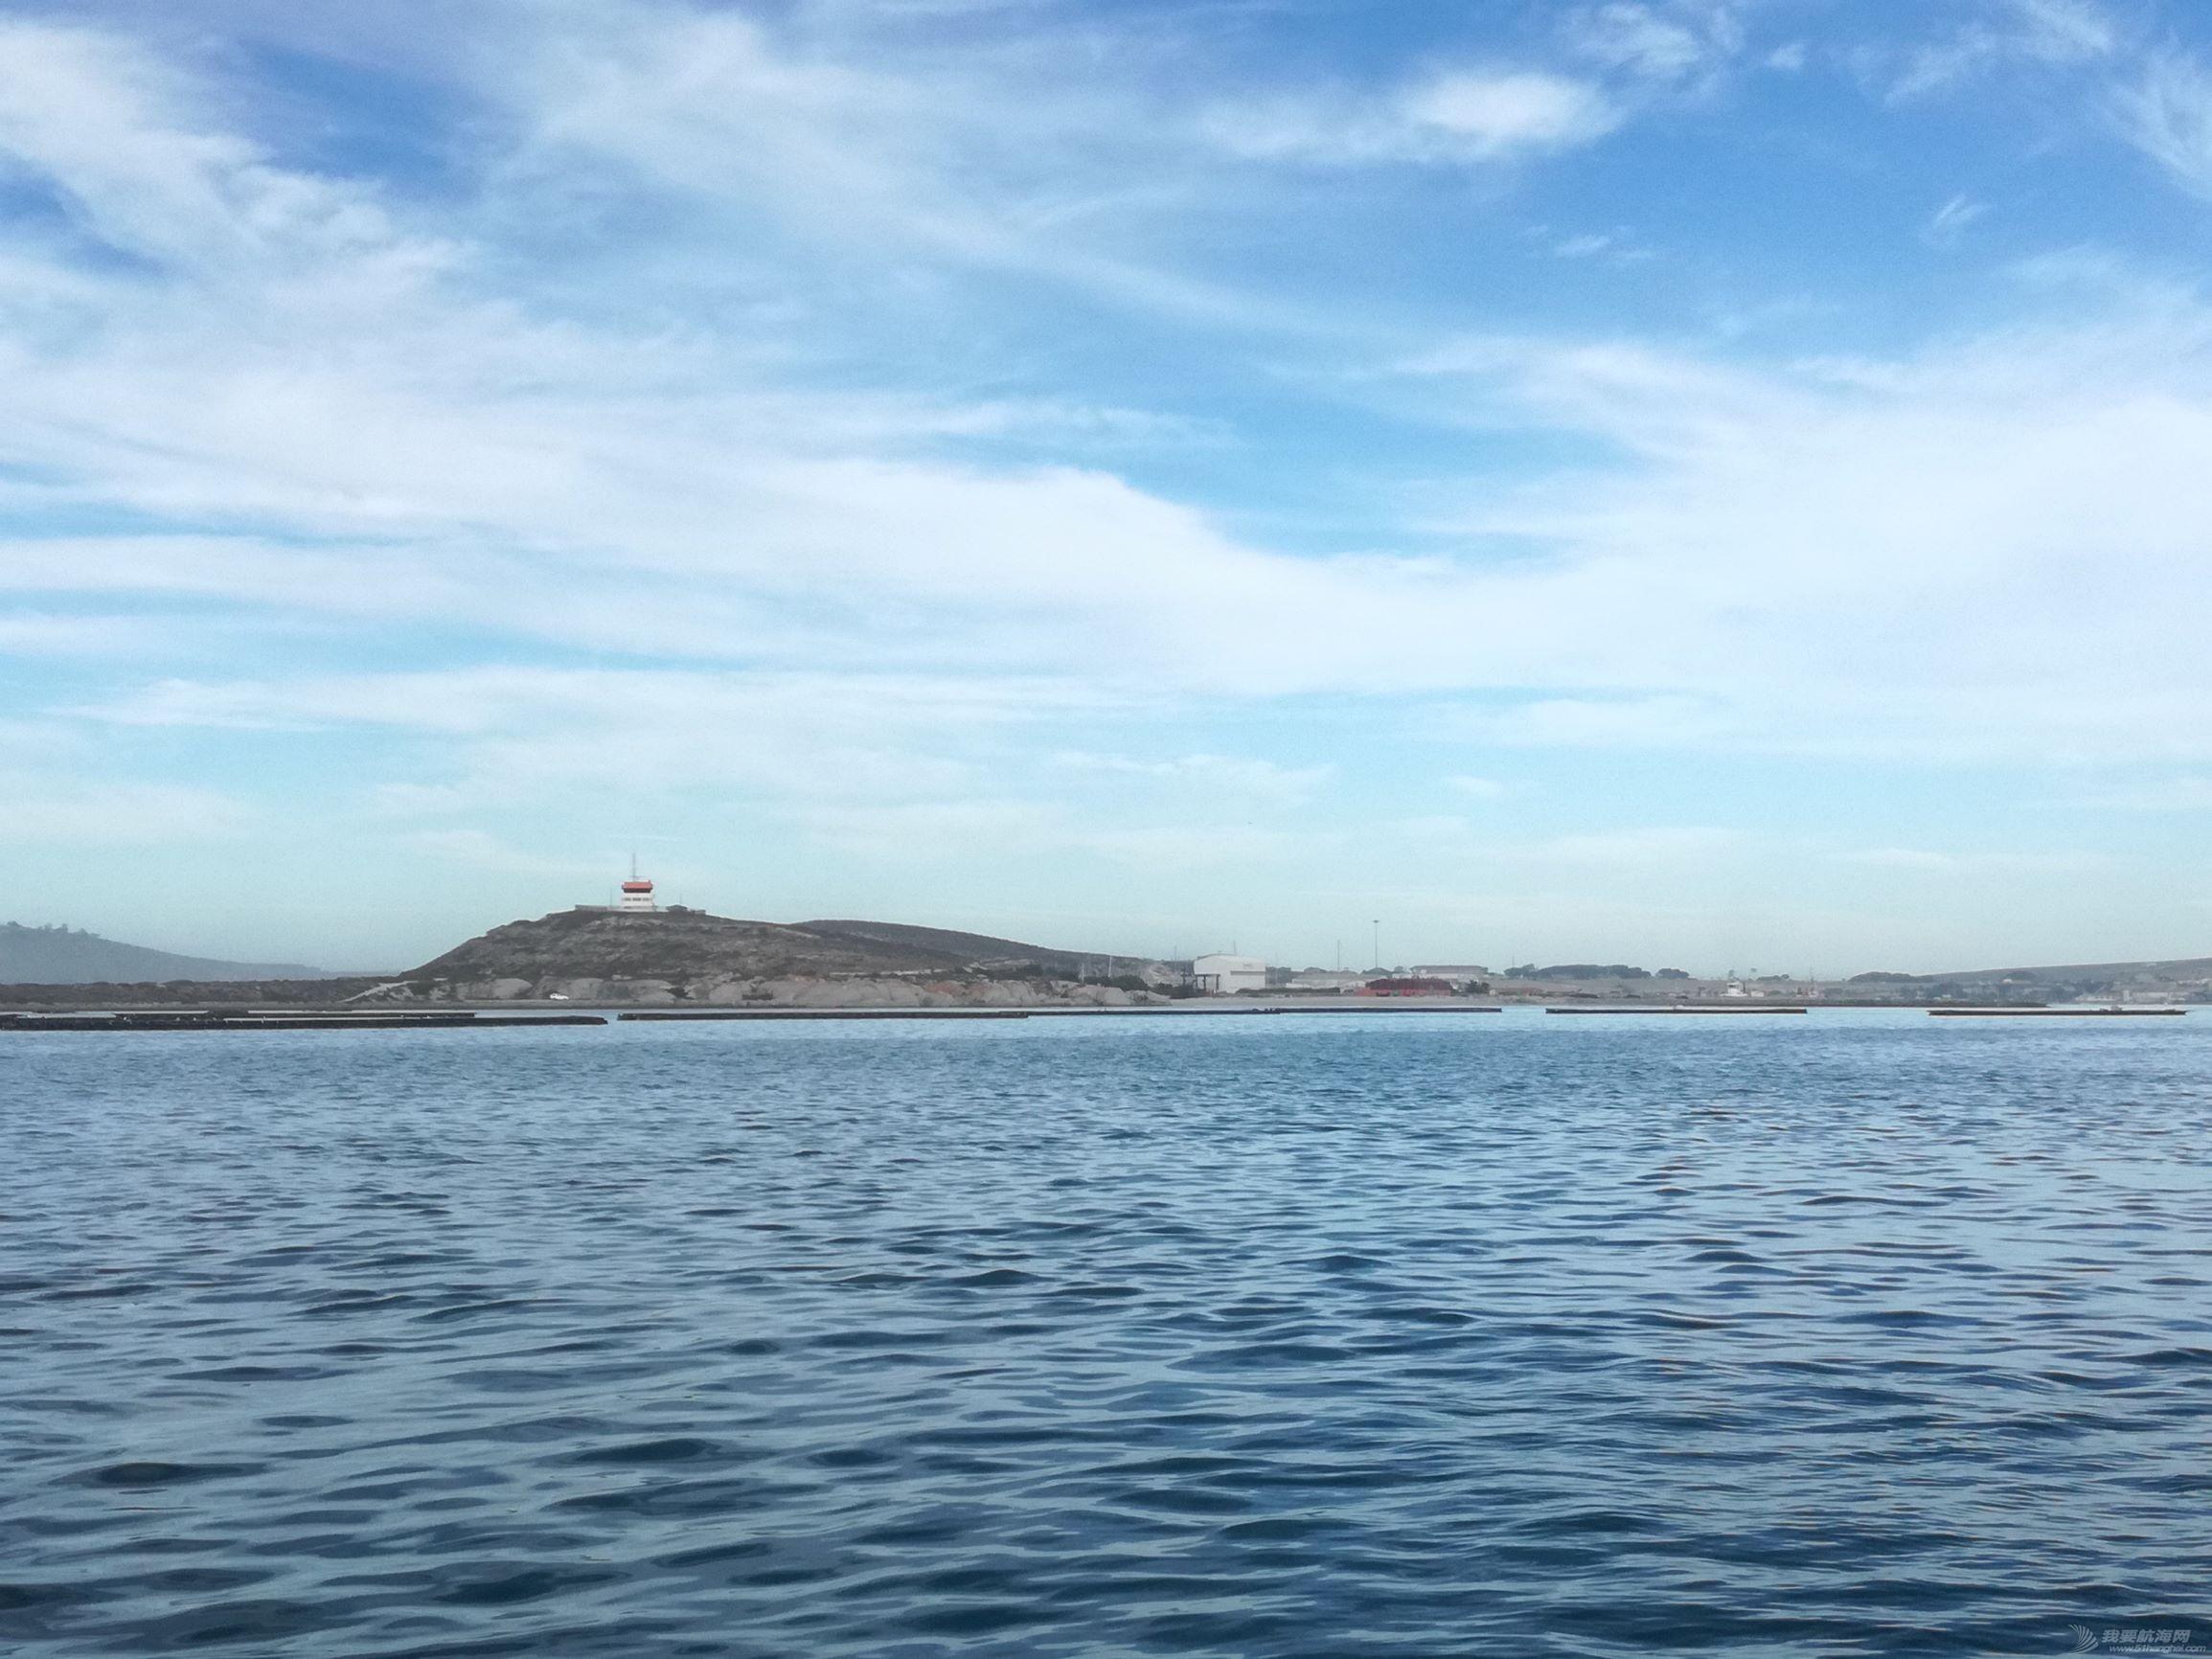 我们,帆船,俱乐部,南非,离开 ITHACA号航海 15 新年喜团聚,没有保险,也不能阻止向海洋出发 萨当那港入口 023508j3wtq1wwz5do3g4w